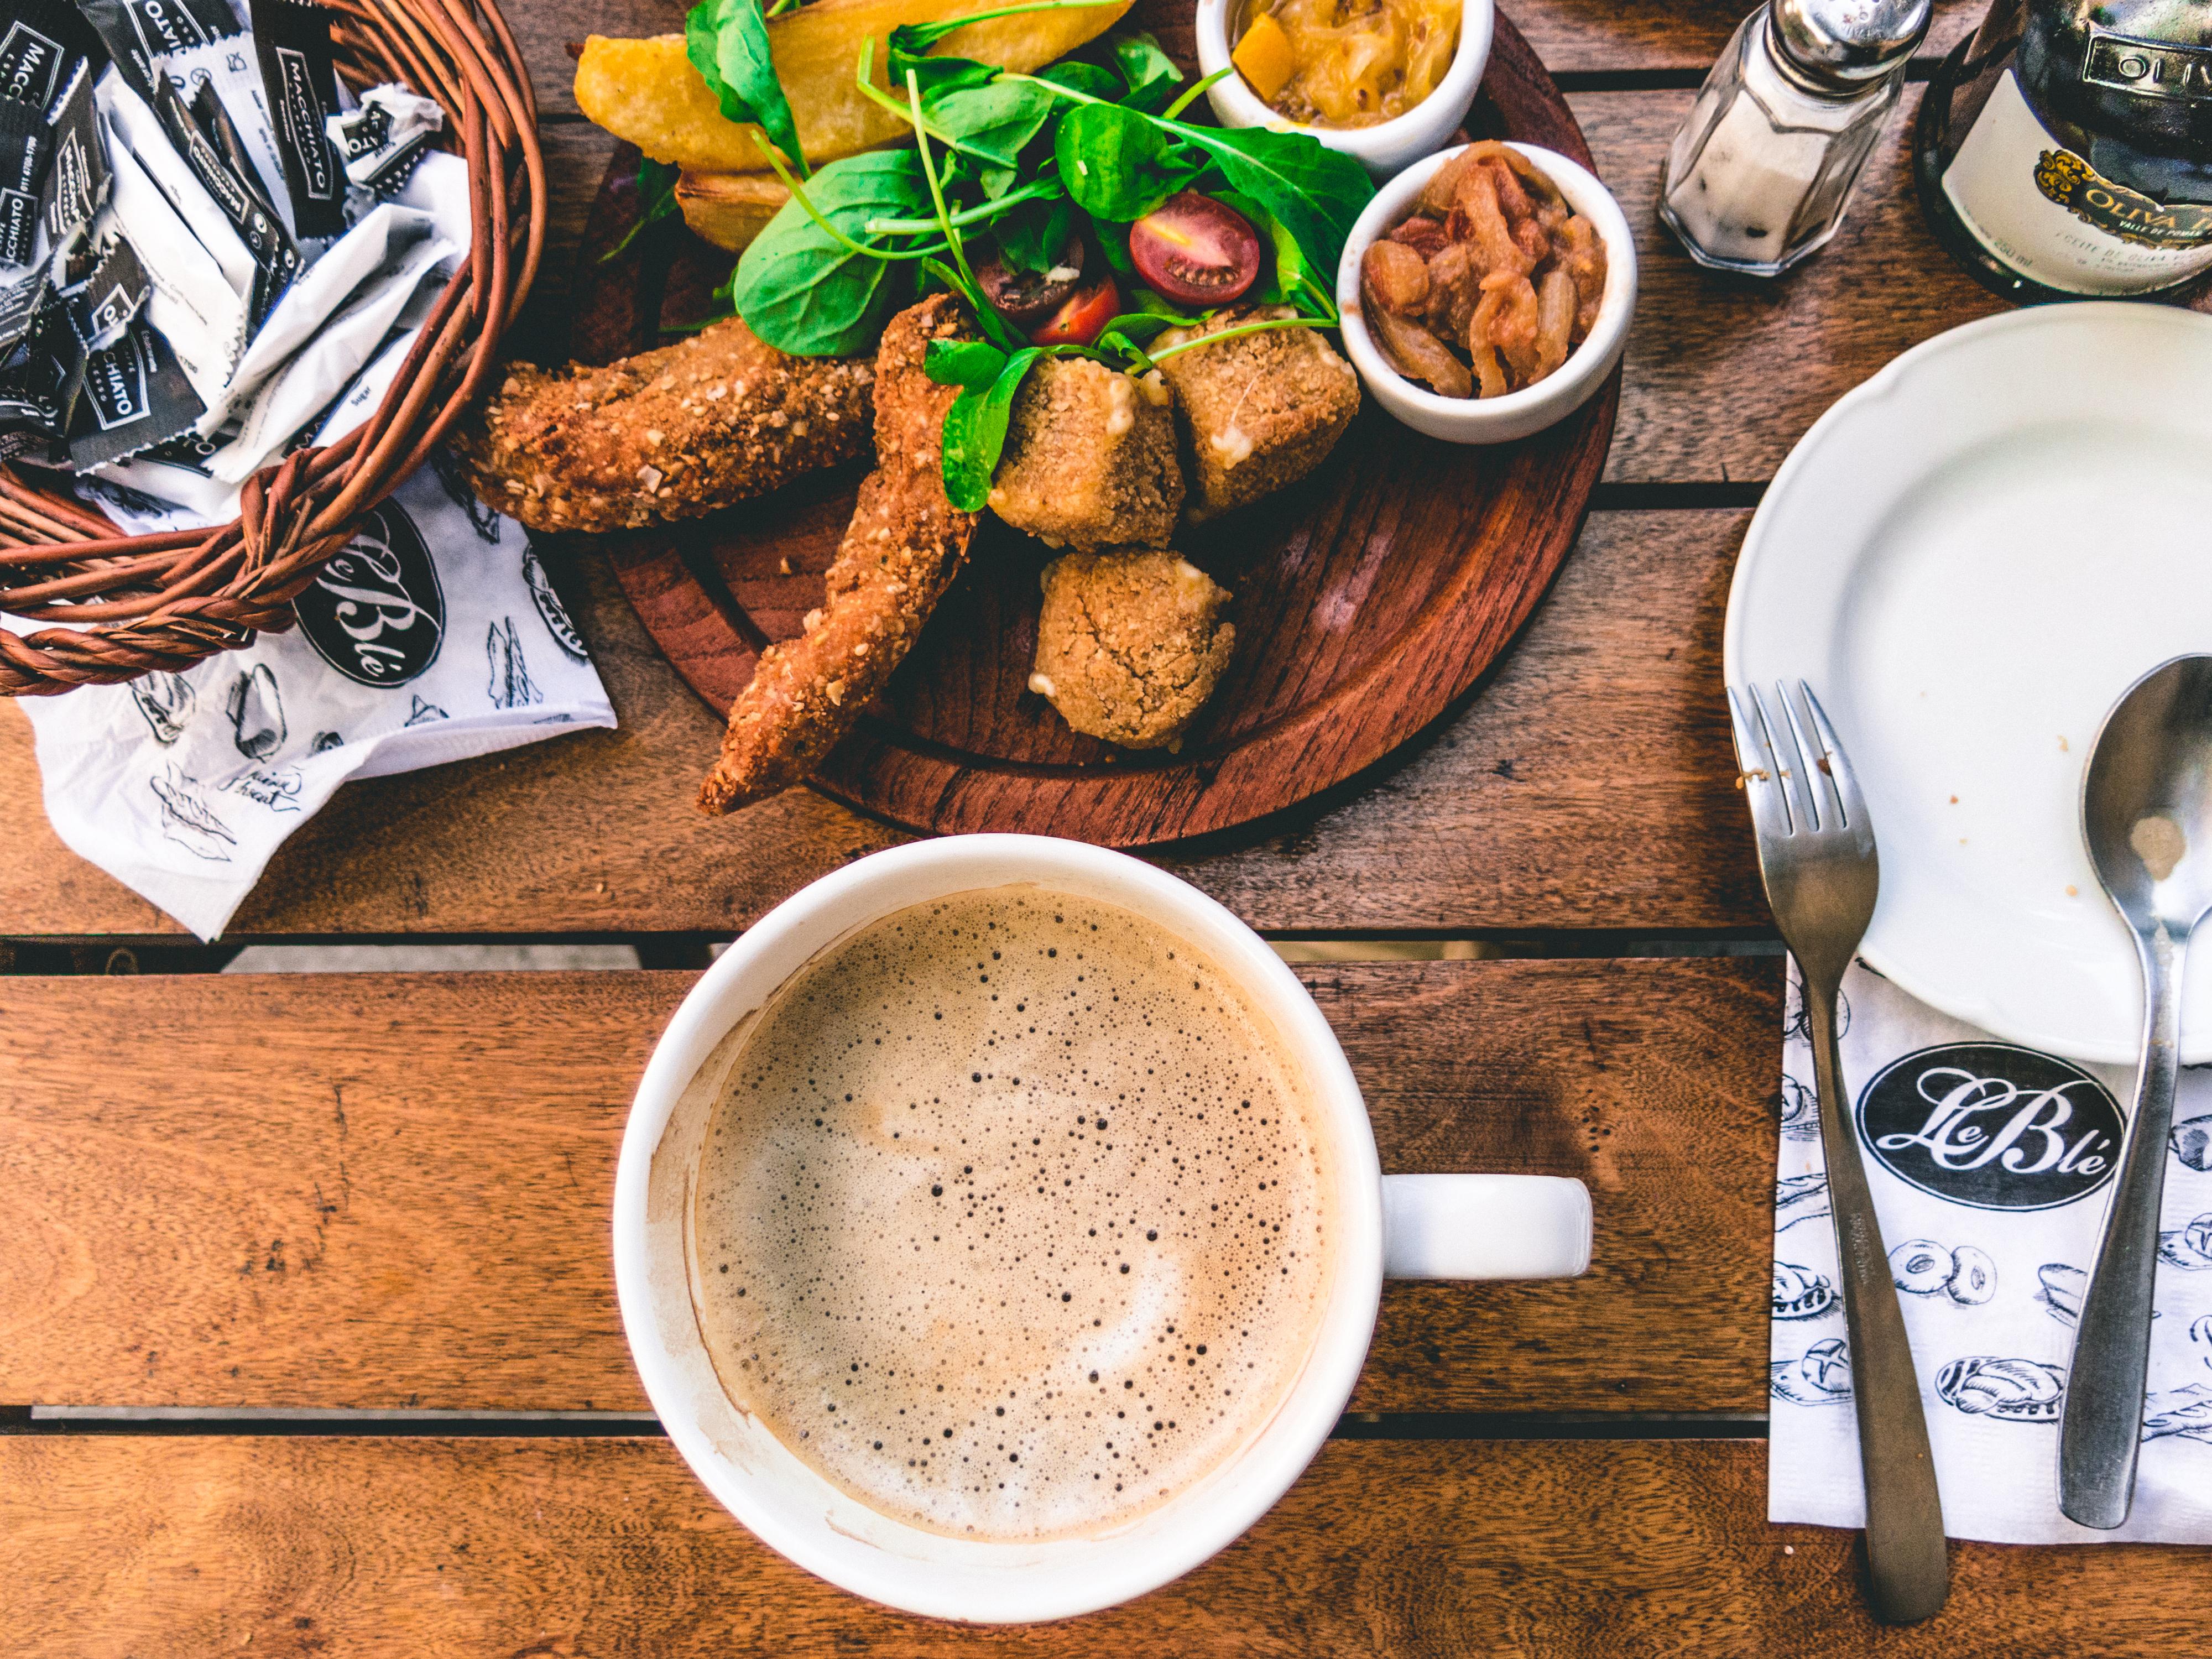 Kostenlose foto : Cafe, Kaffee, Tasse, Cappuccino, Gericht, Mahlzeit ...